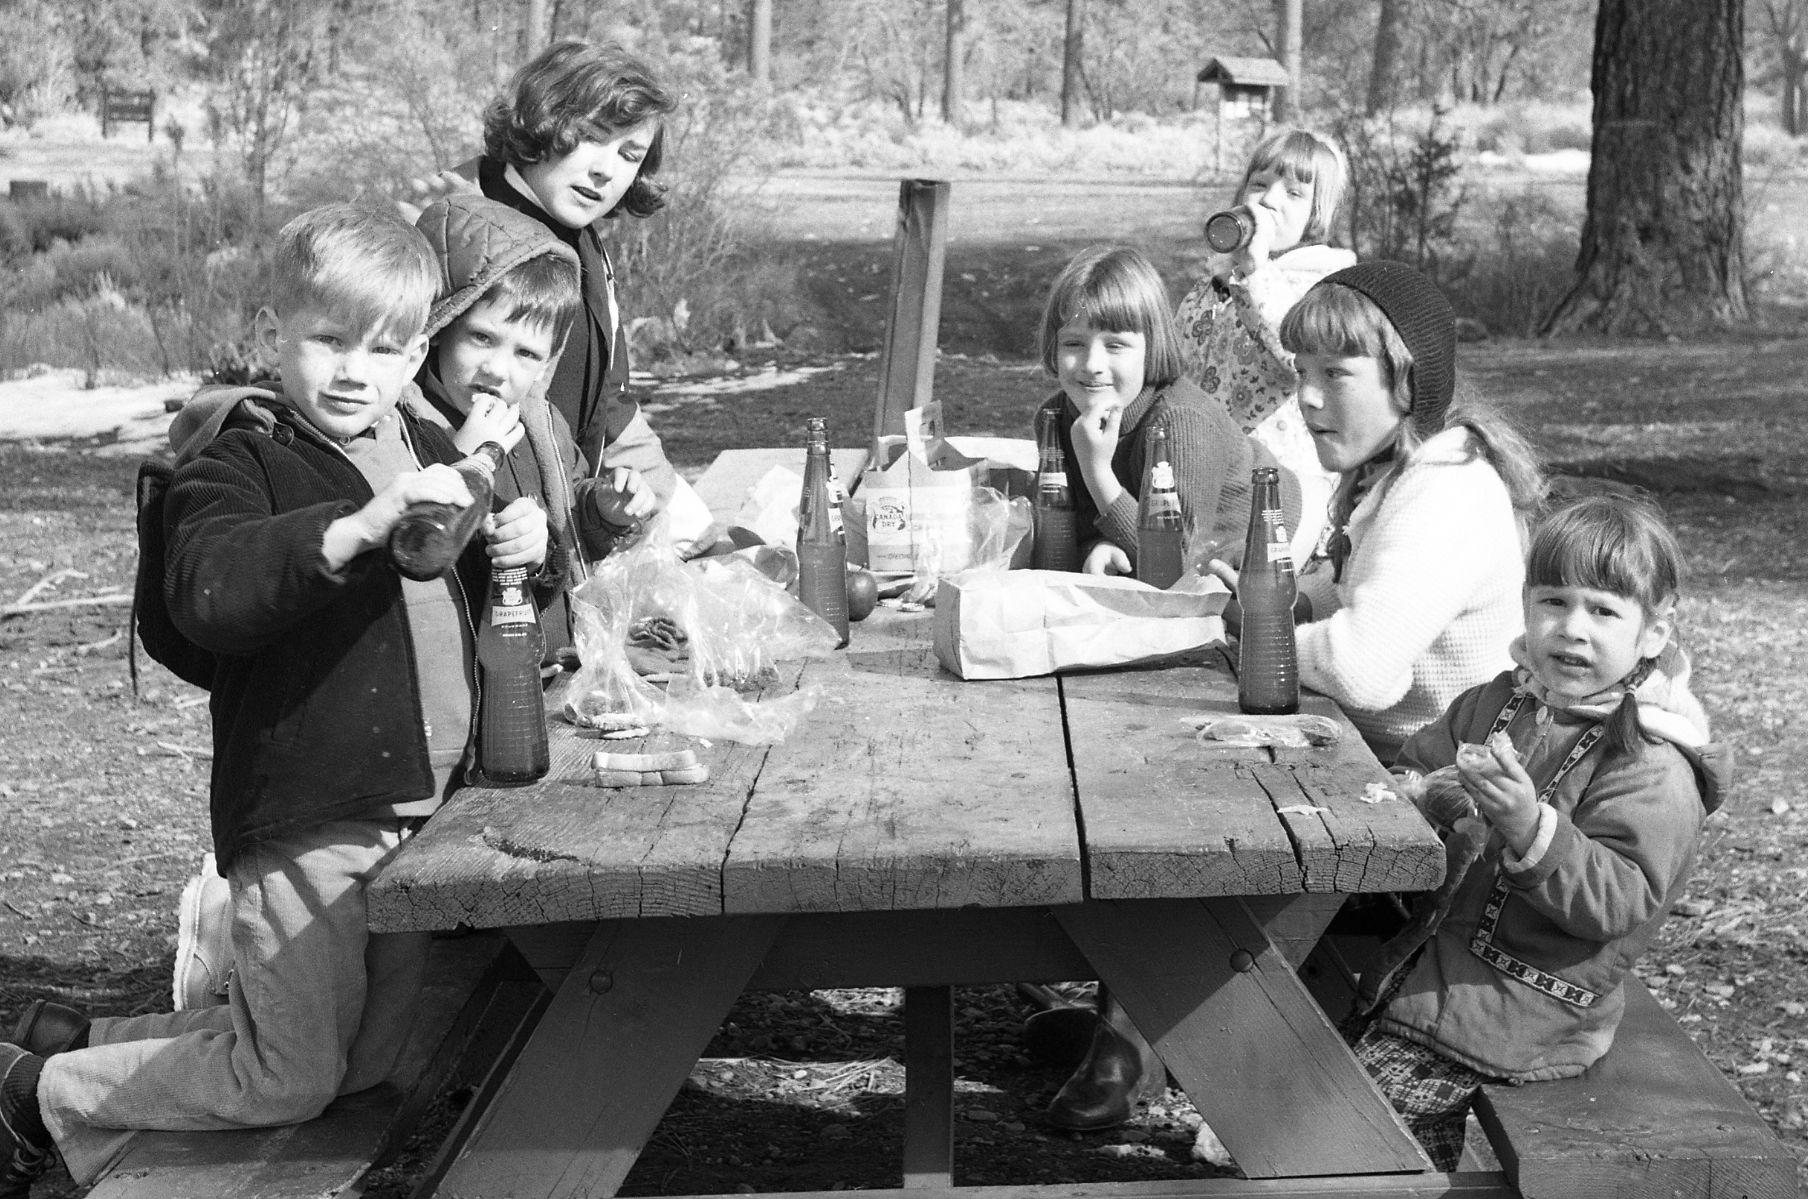 Picnic in the 1960s